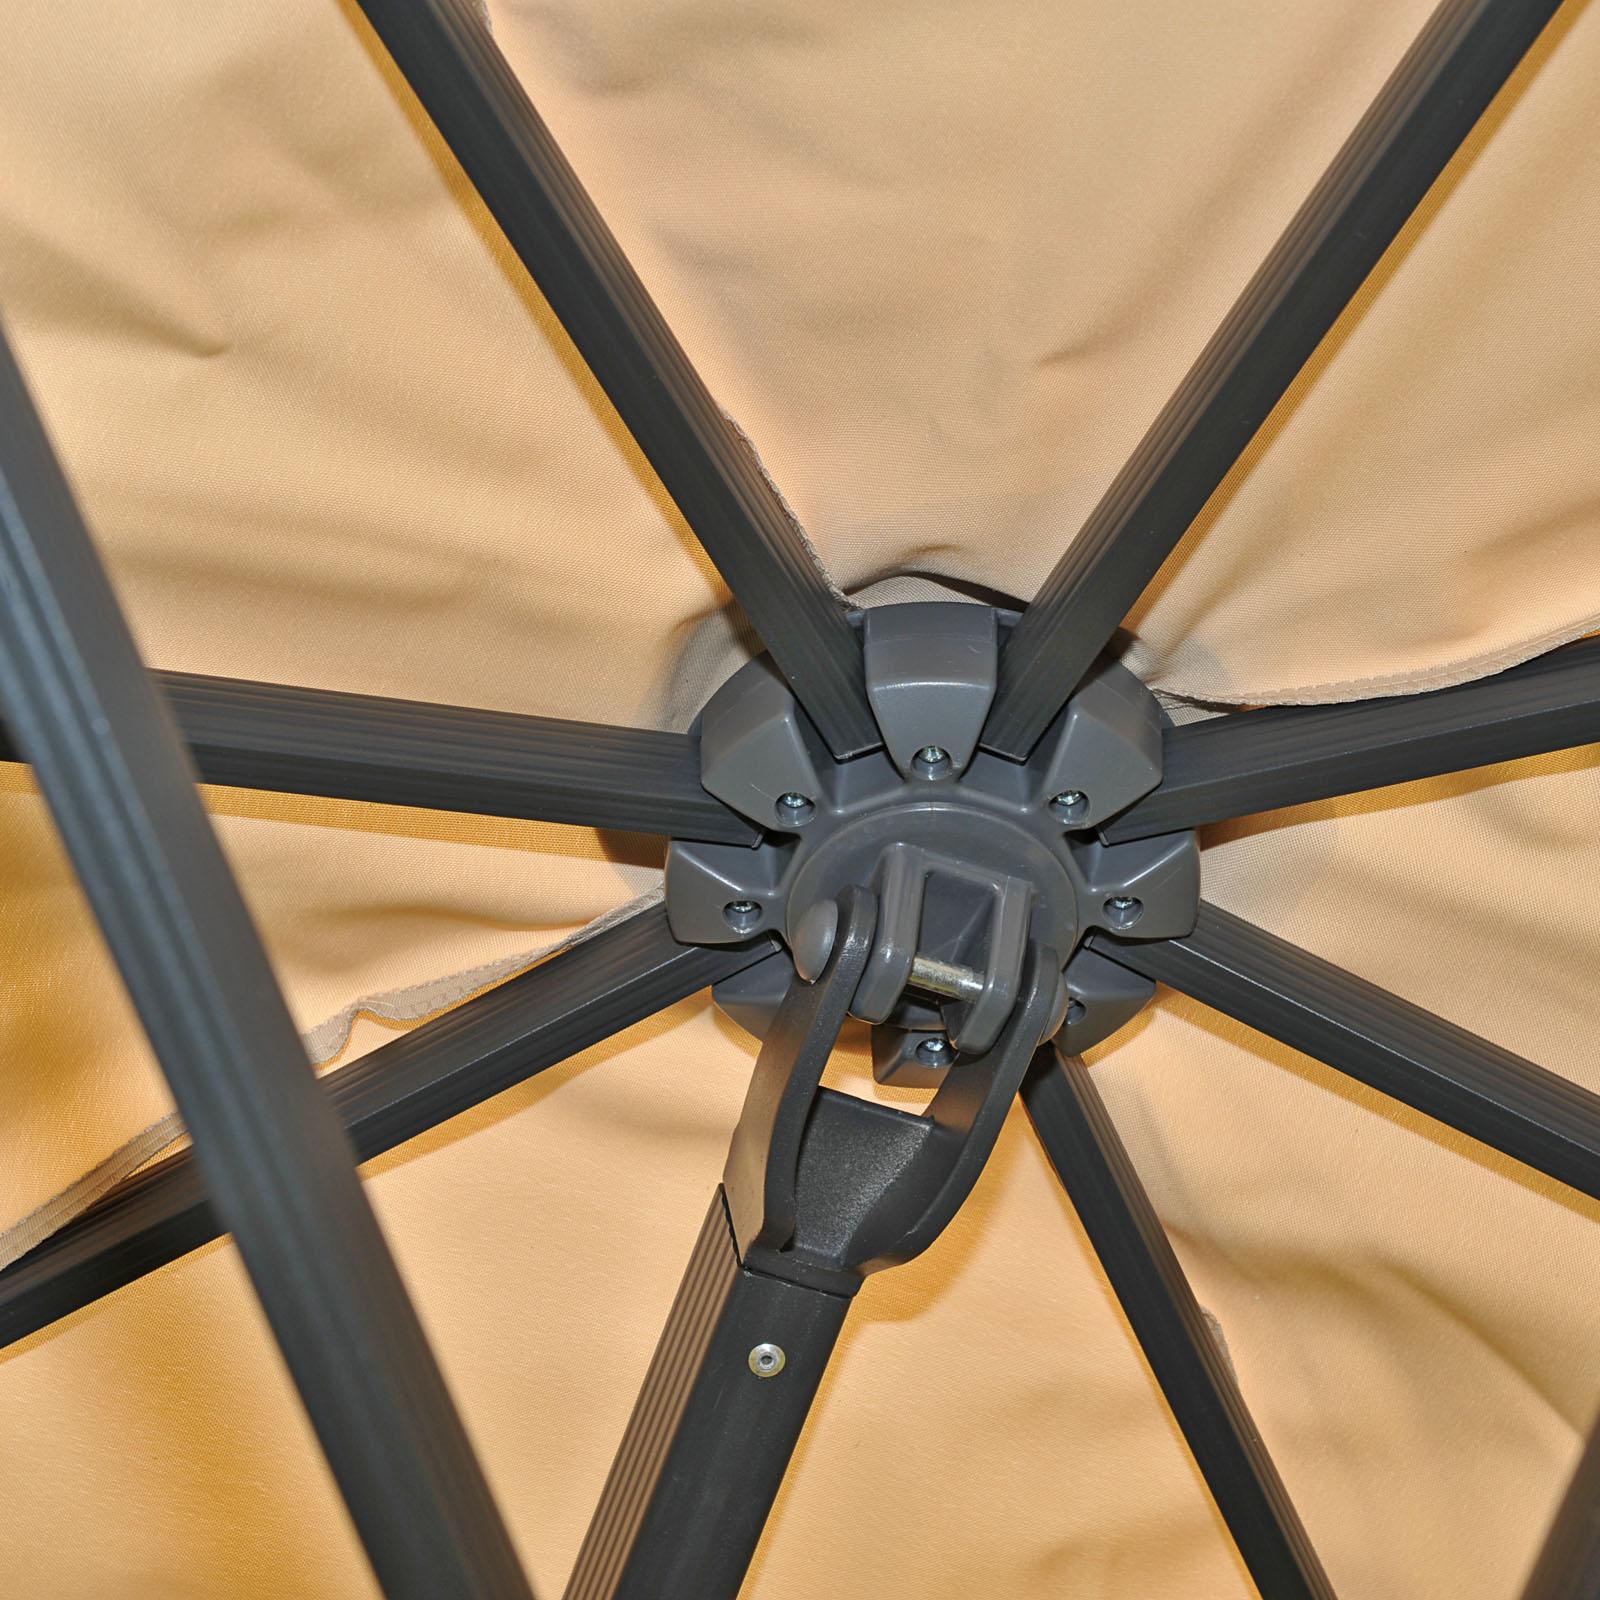 Gastronomie-Alu-Luxus-Doppel-Ampelschirm T44 Detailansicht Konstruktion